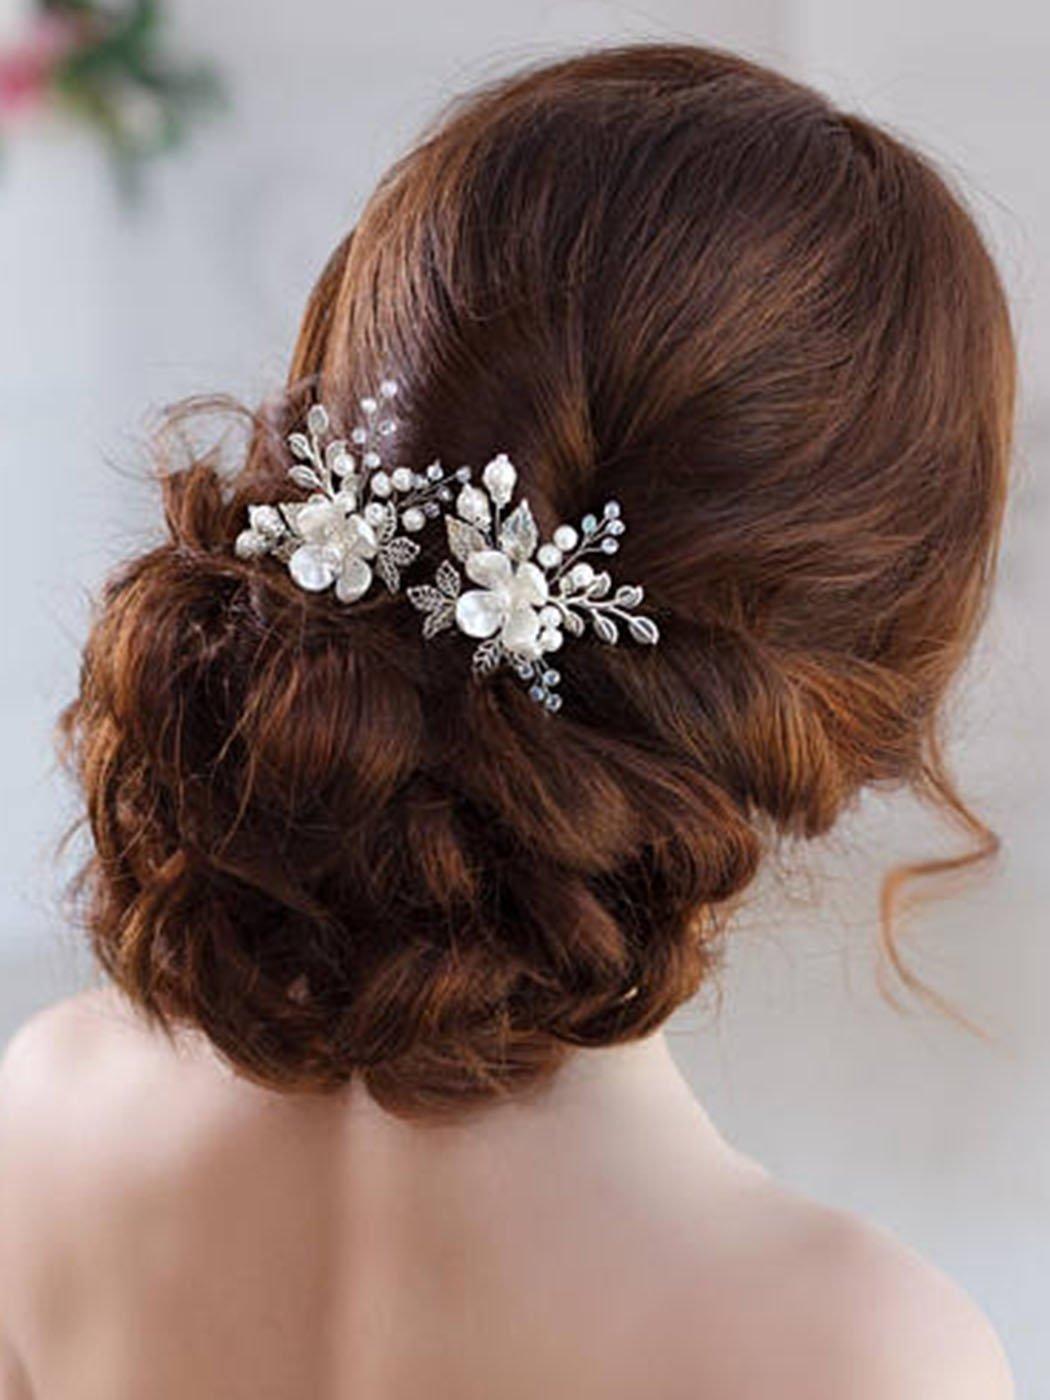 ca4bd01c13 Amazon.com: AW BRIDAL Flower Side Hair Clip Freshwater Pearl Wedding ...